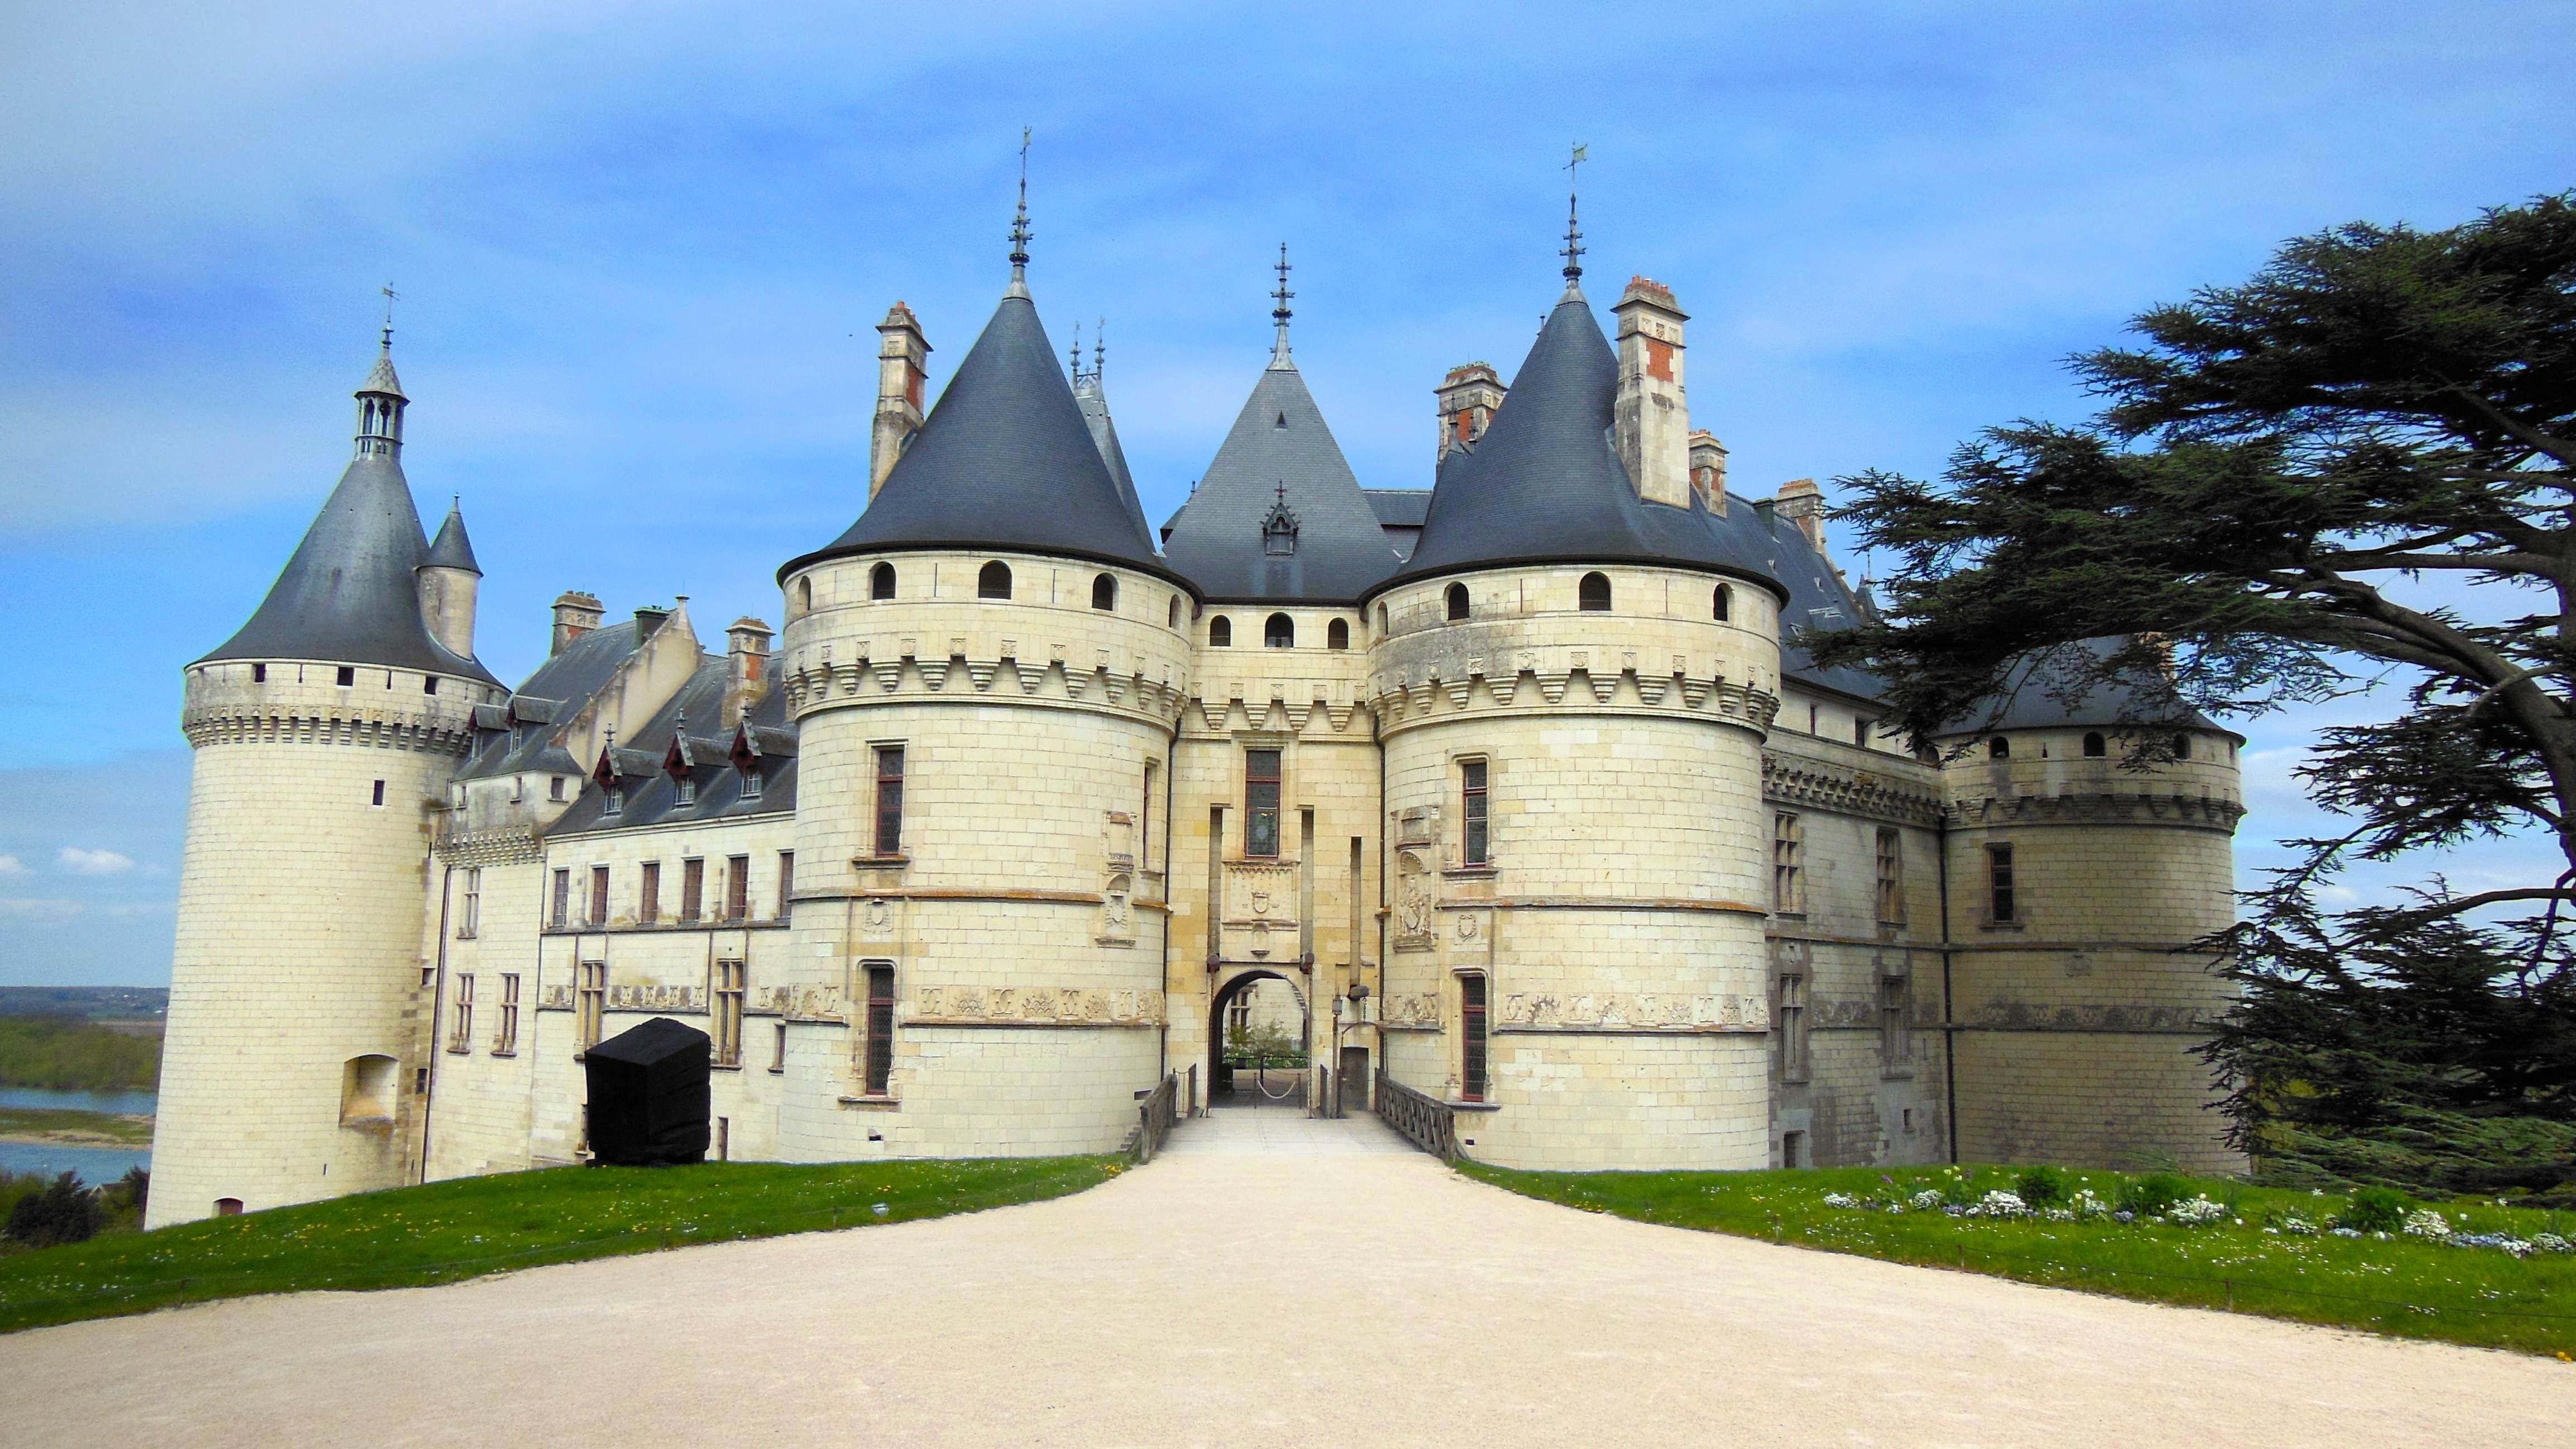 1253-chateau-chaumont-sur-loire-loir-et-cher.jpg